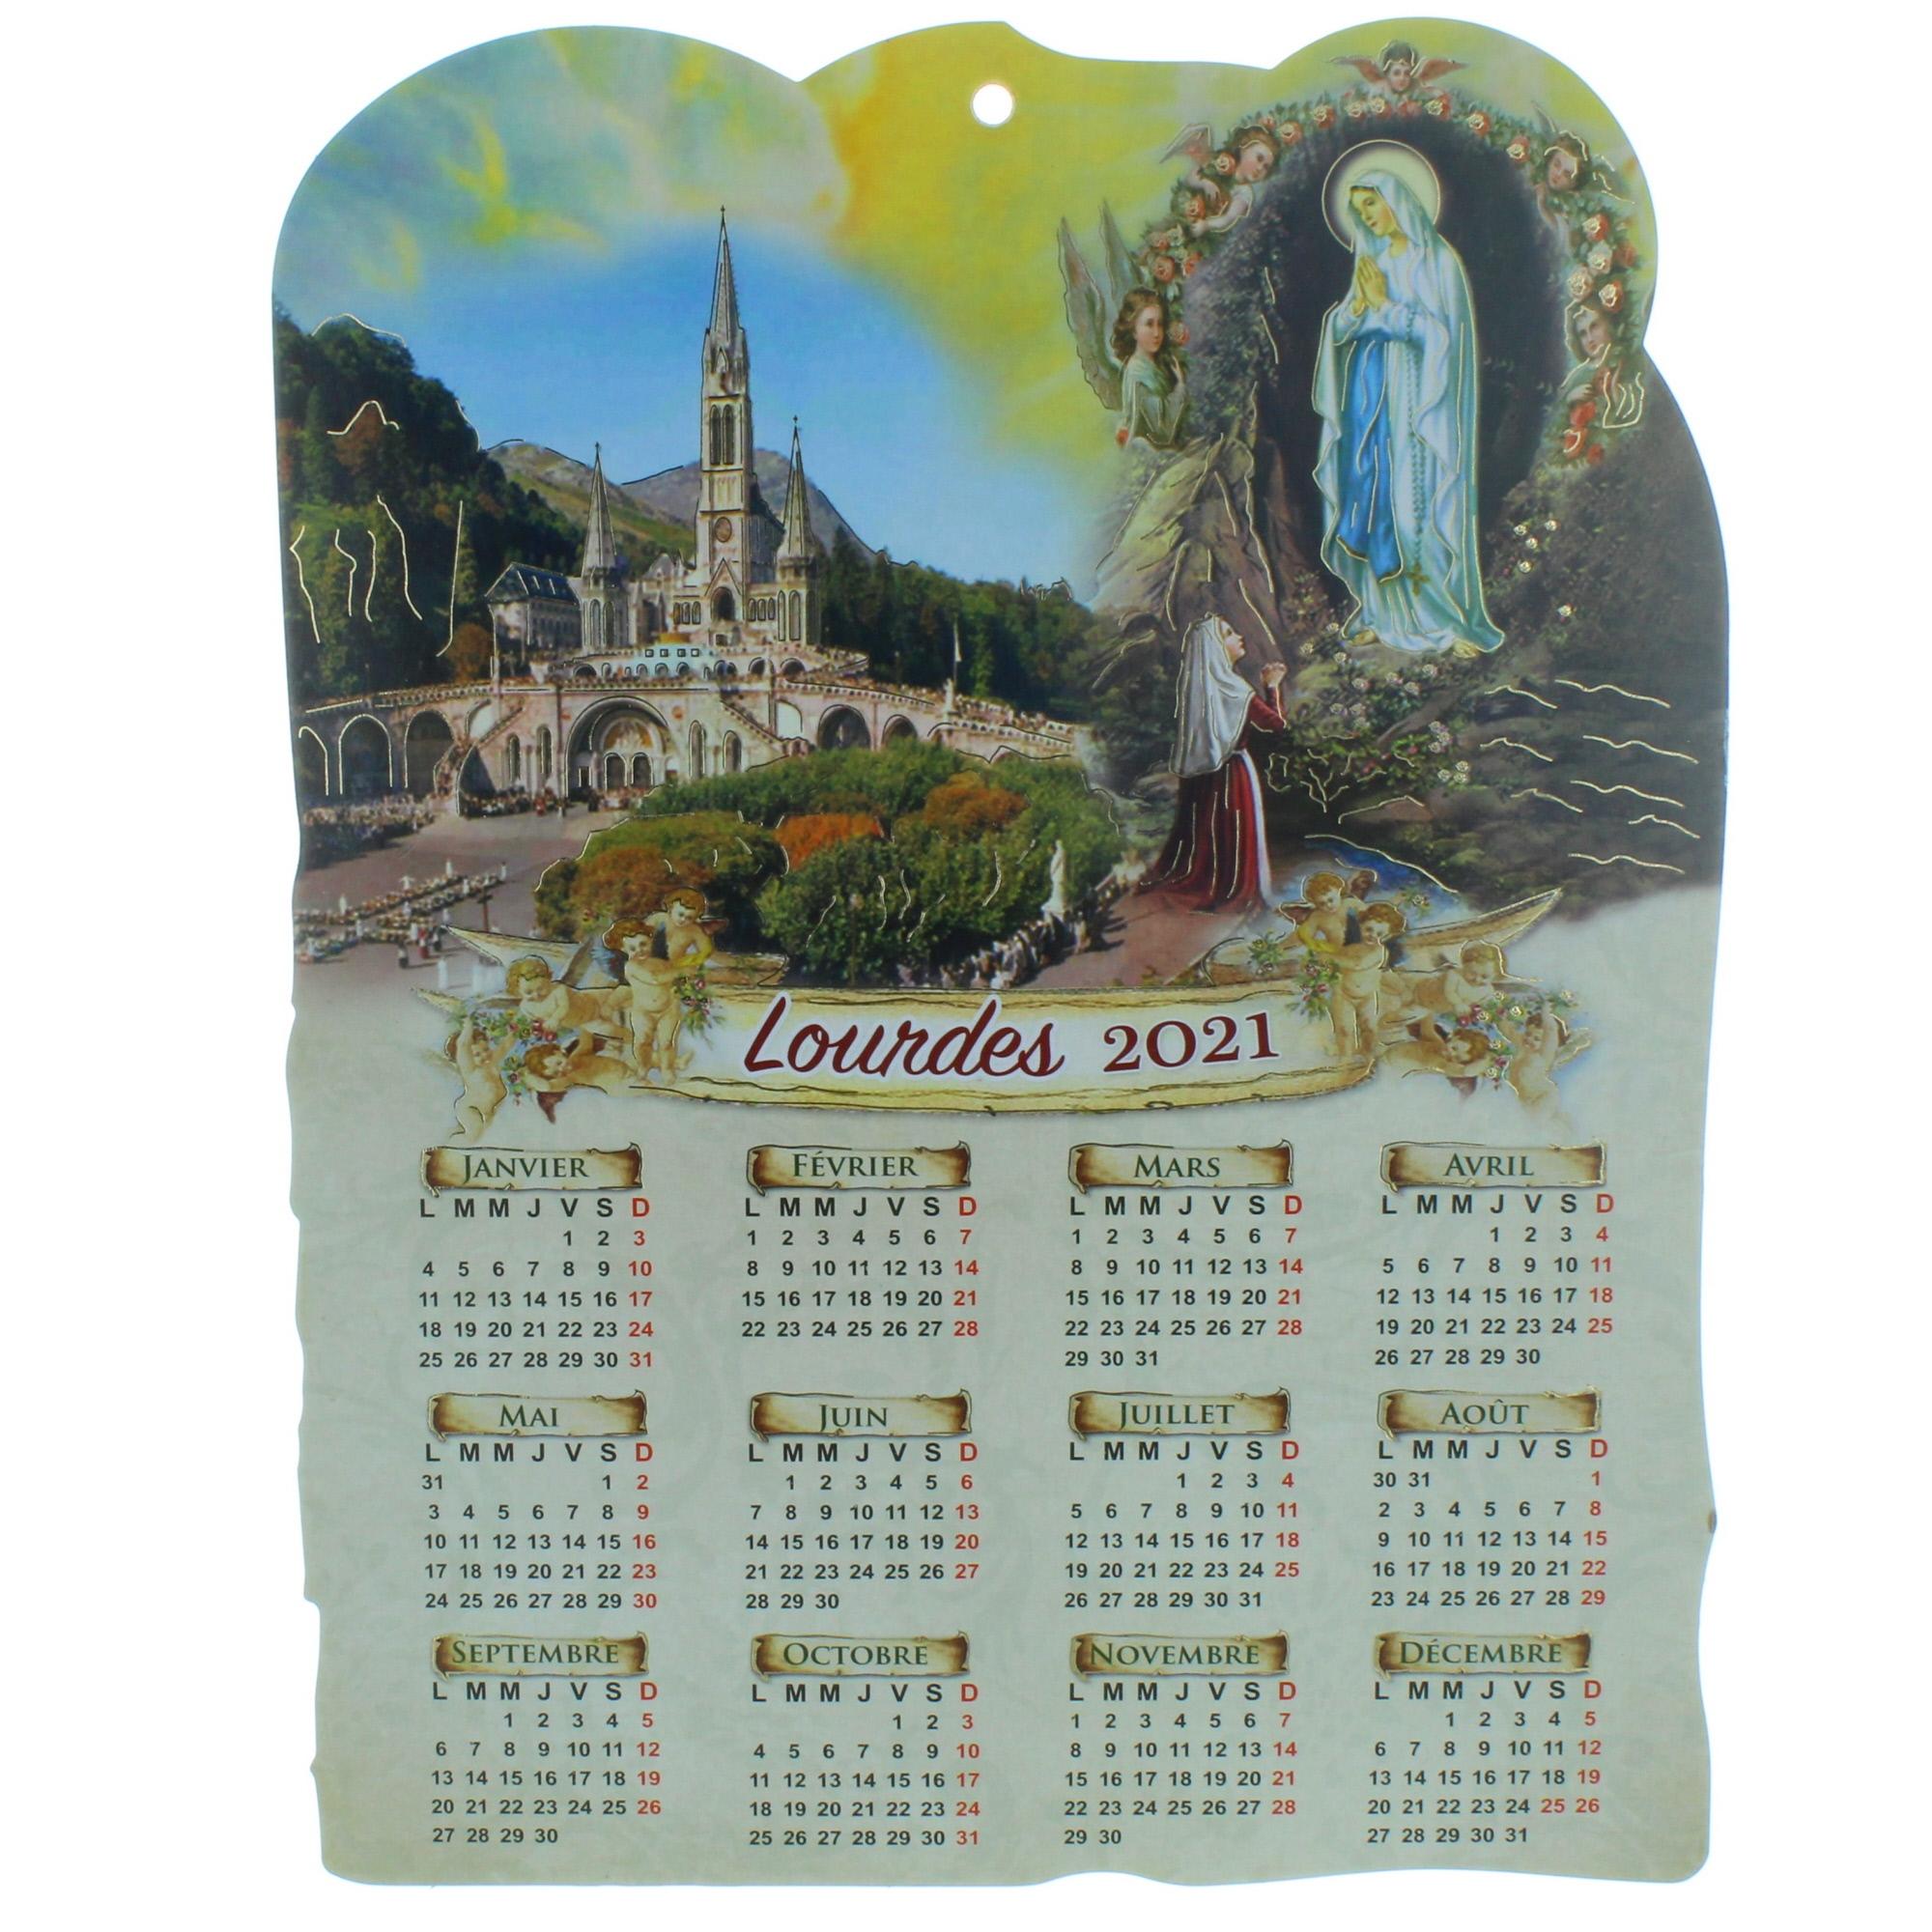 Calendrier Lourdes 2021 Calendrier de Lourdes 2021 en bois